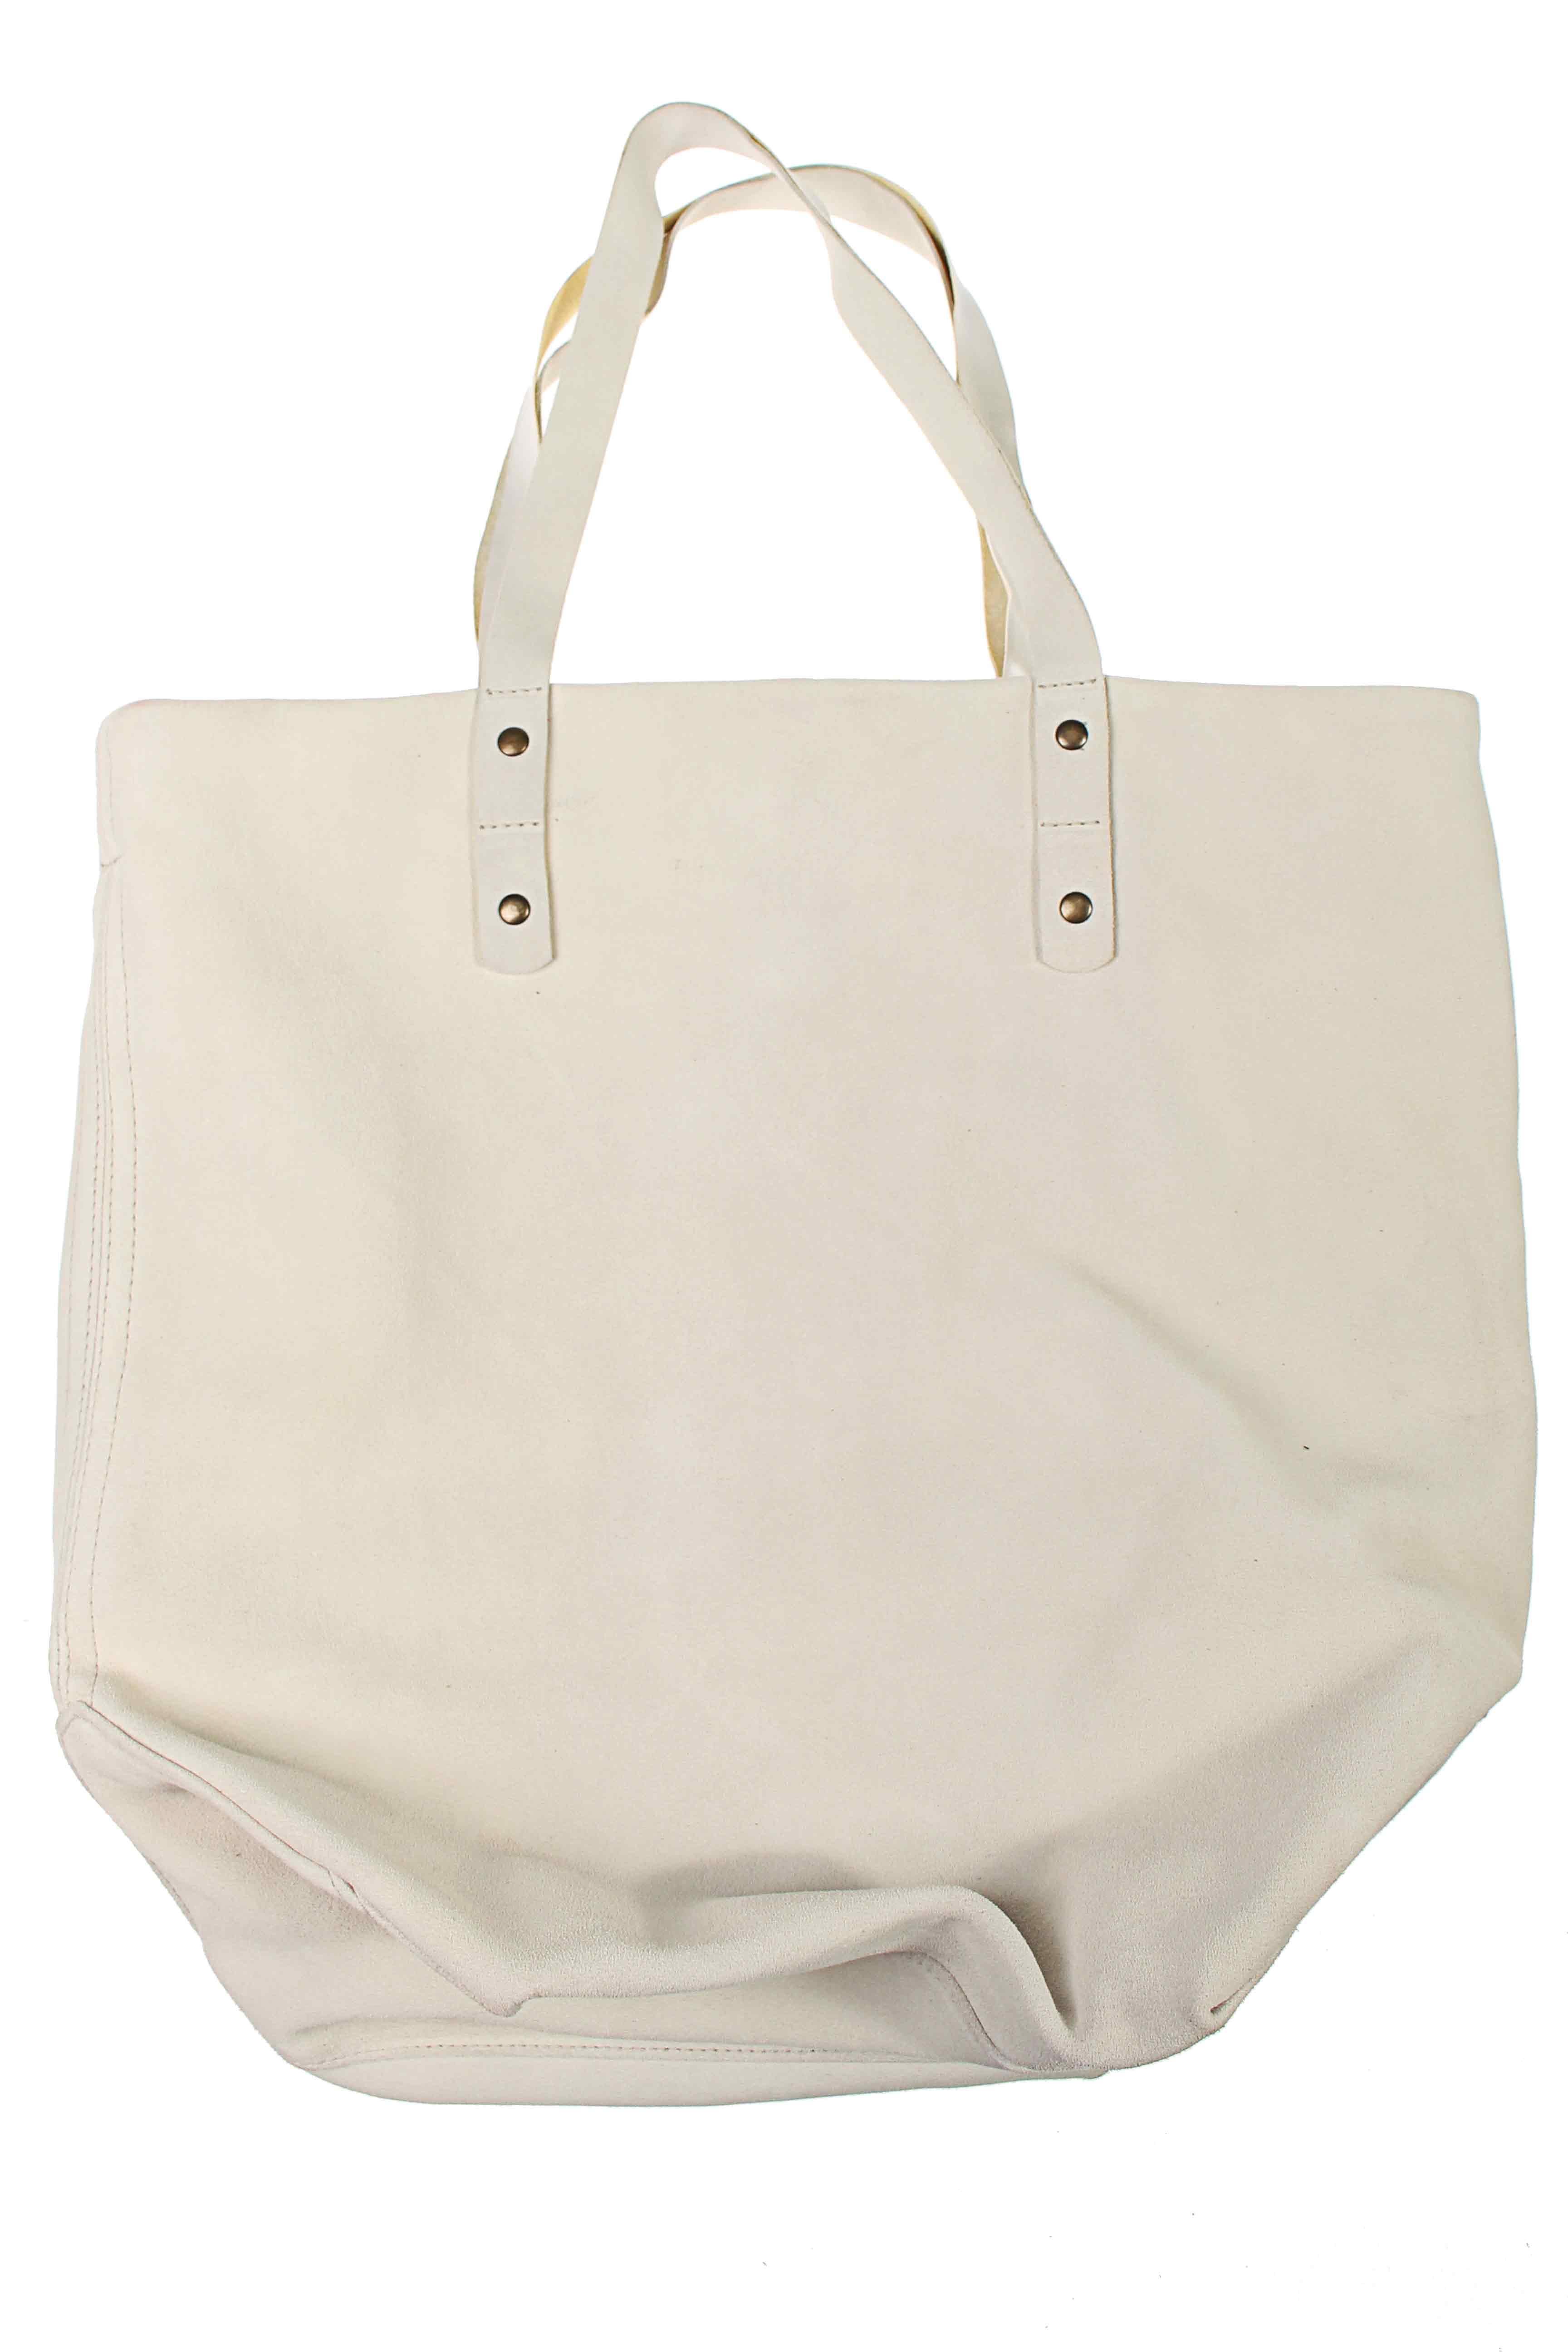 La fee maraboutee sacs femme de couleur blanc en soldes pas cher 861274 blanc - Fee maraboutee soldes ...